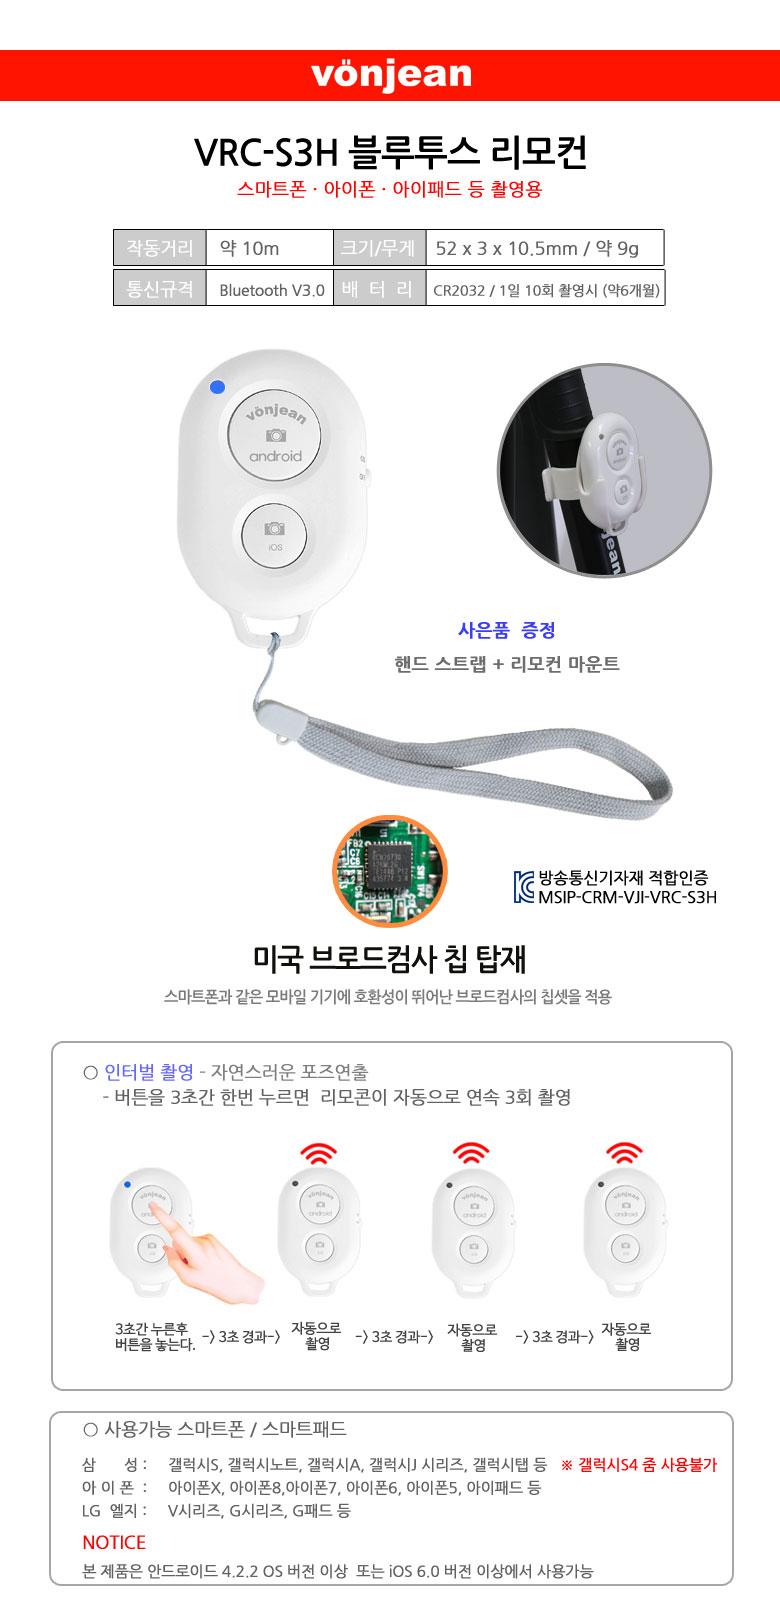 본젠 MT-407G 하이엔드 스마트폰 셀카봉 삼각대 SET - 본젠, 41,000원, 셀피렌즈/봉/셀피ACC, 셀카봉